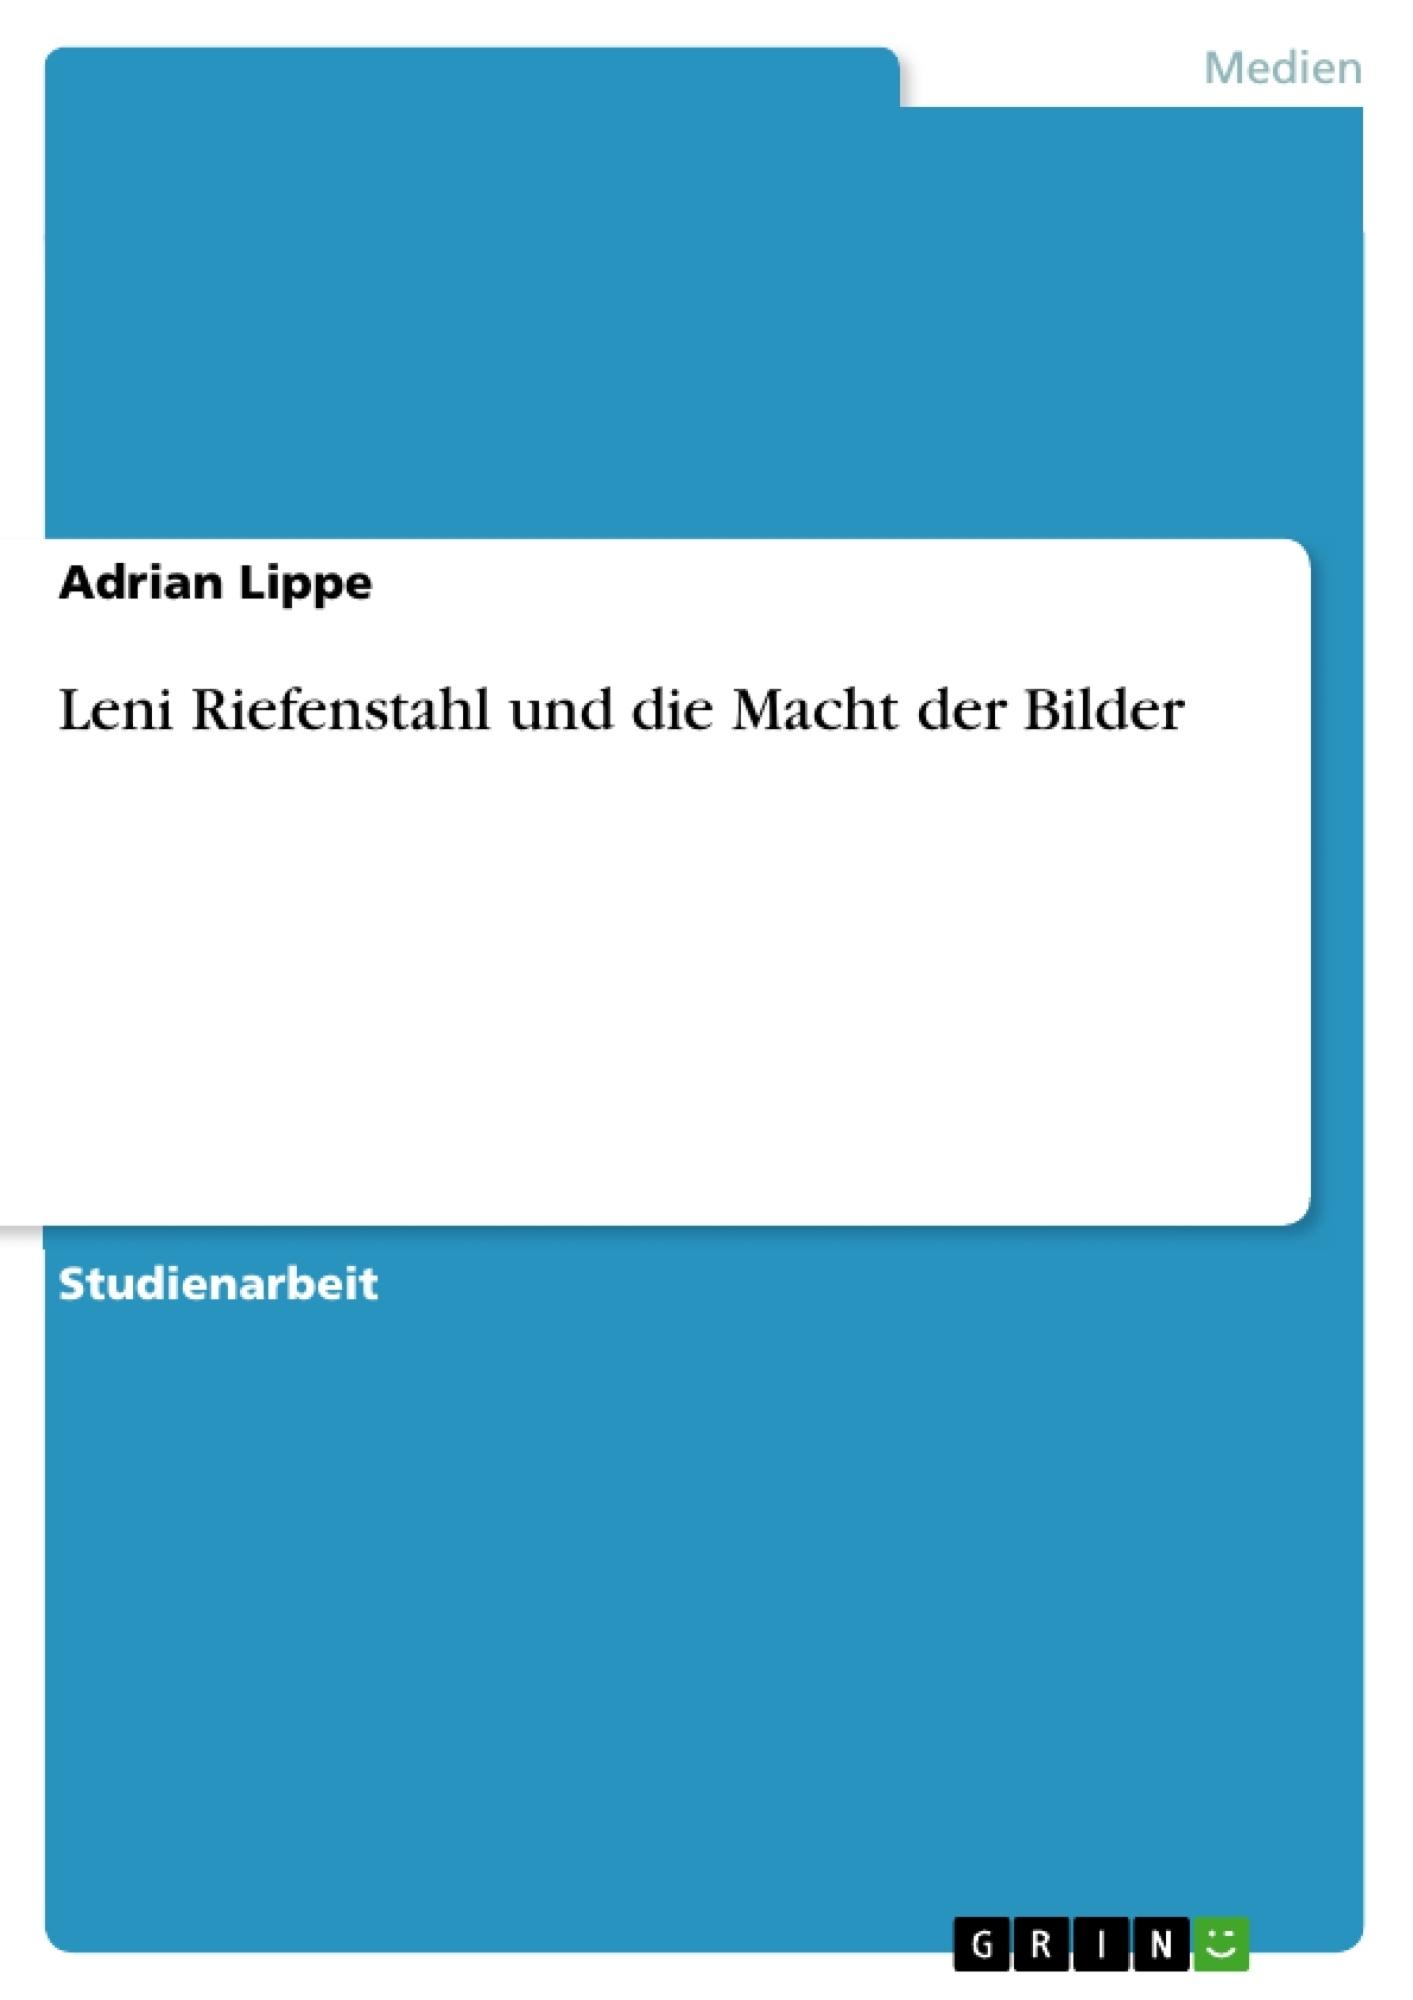 Titel: Leni Riefenstahl und die Macht der Bilder